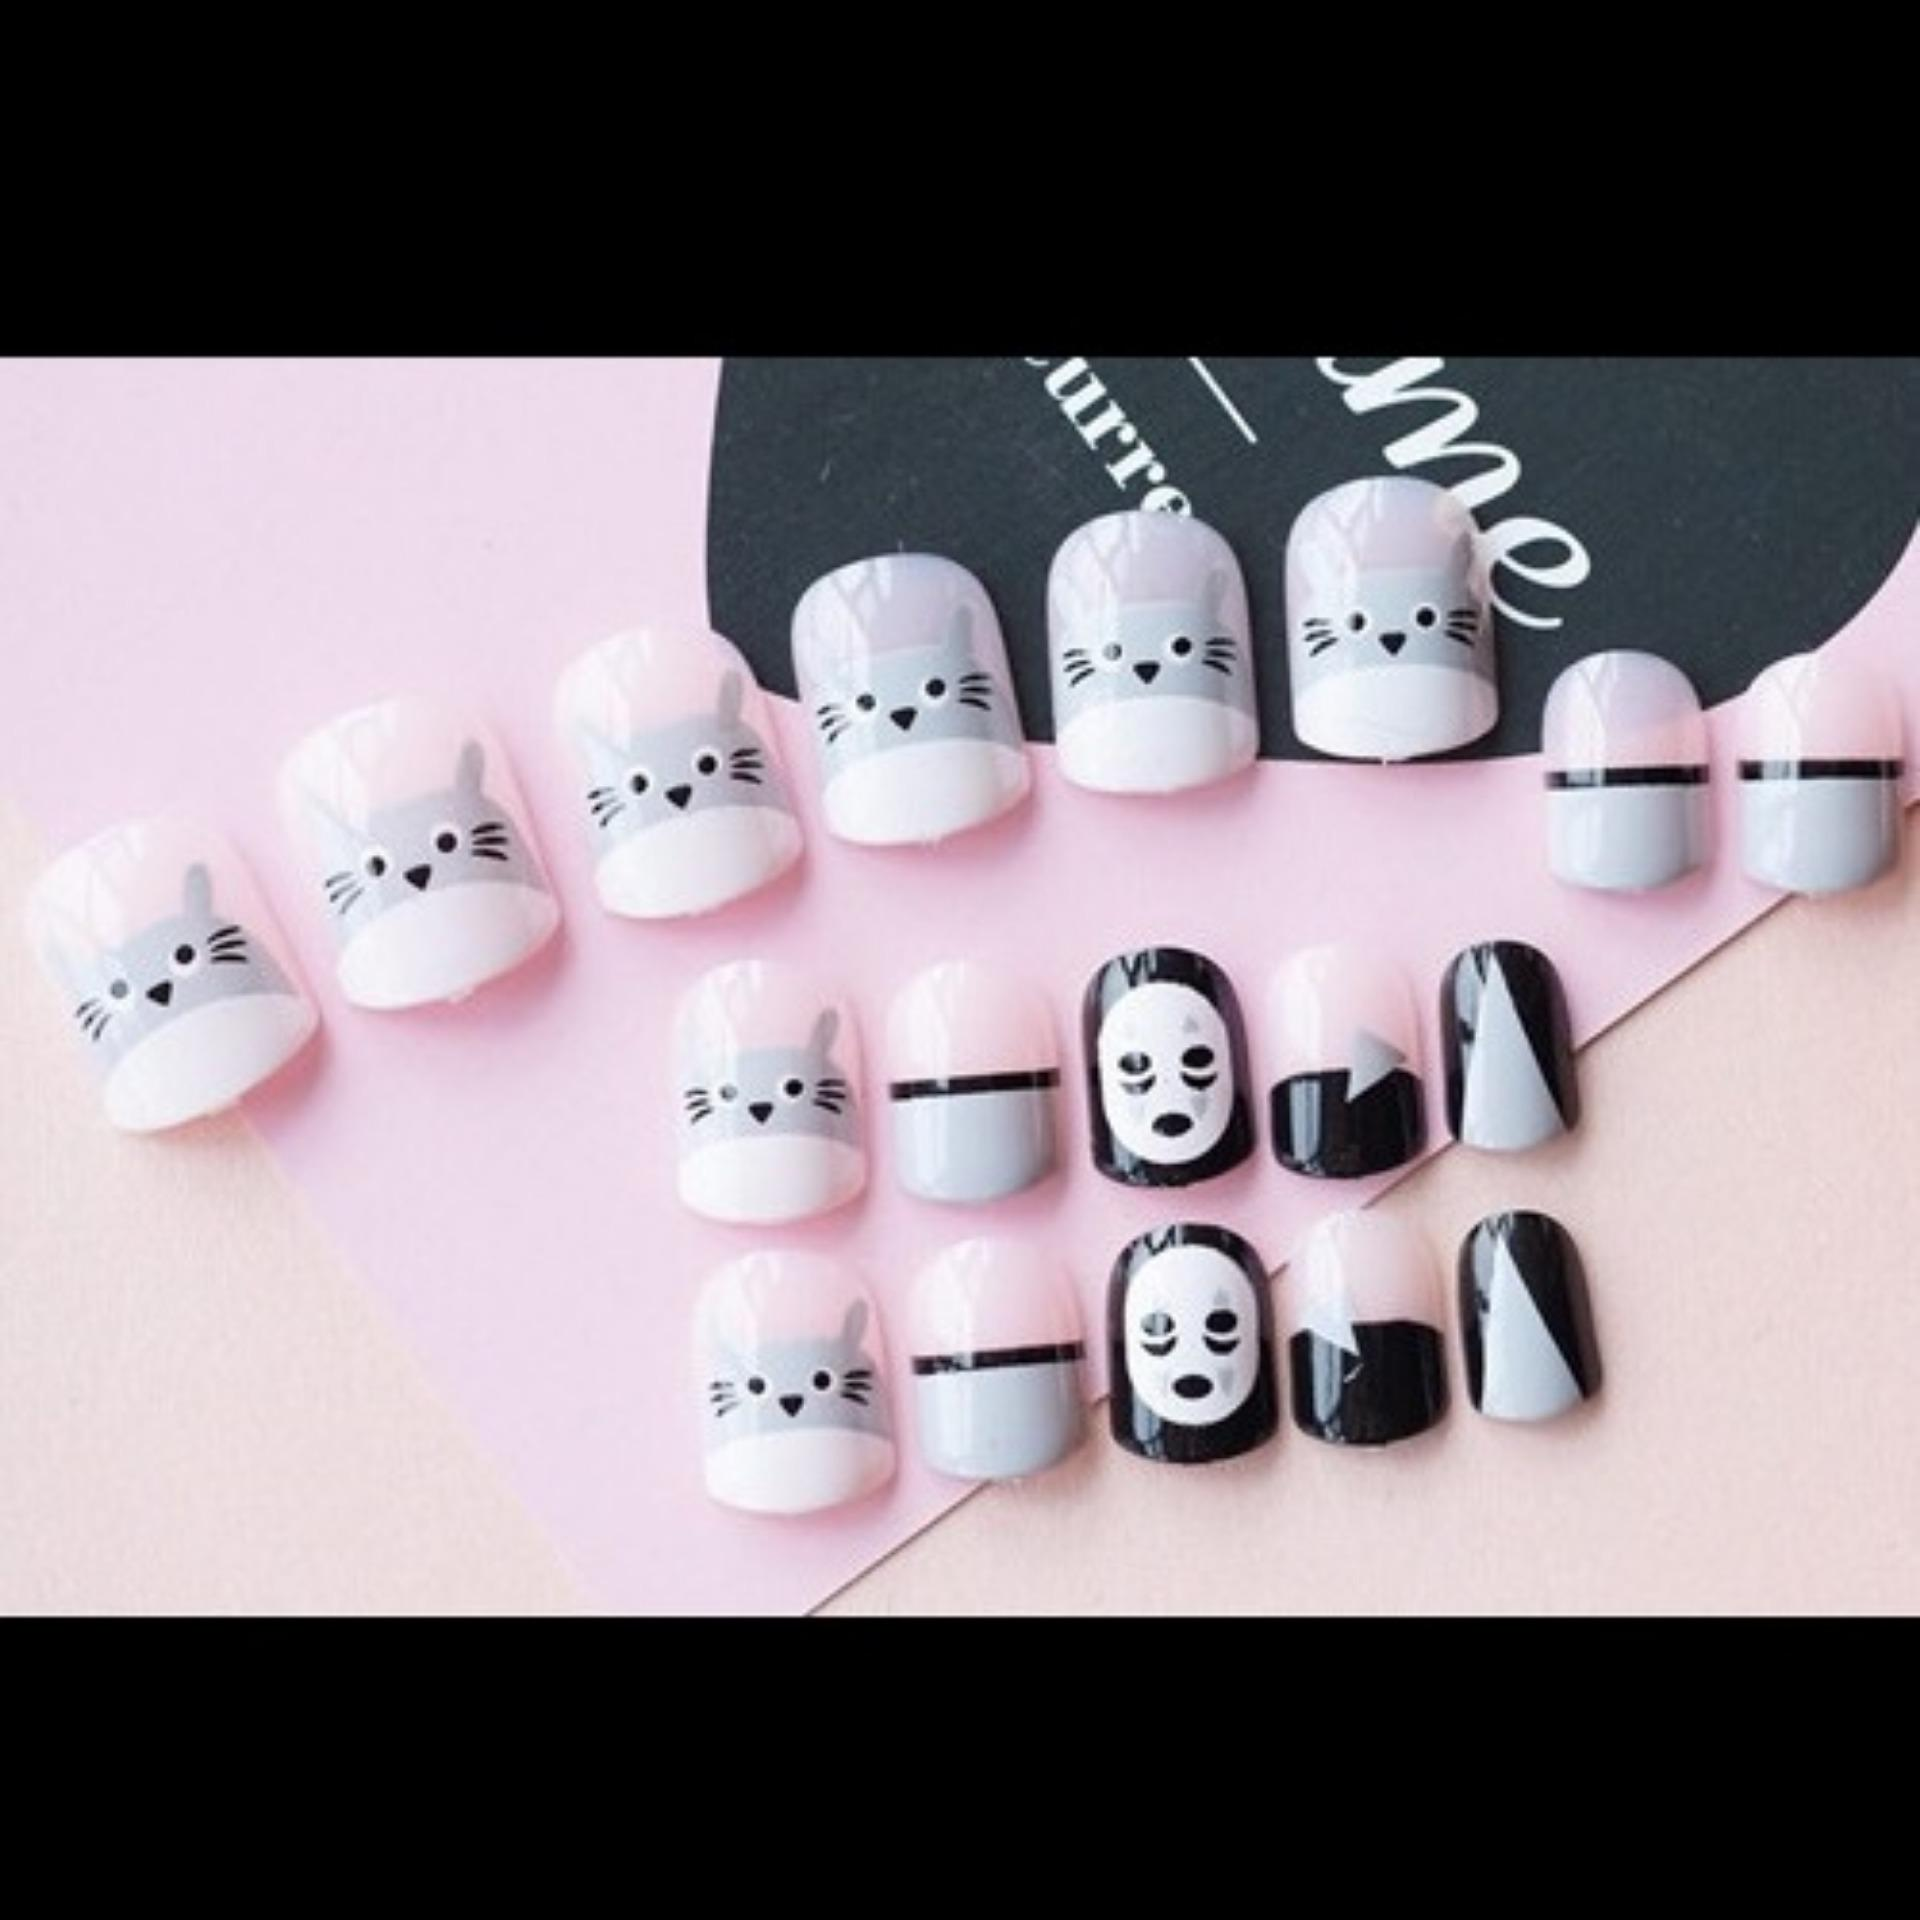 Kelebihan Kuku Palsu Jbs Nails Fake Wedding Nail Art 3d A10 Terkini A18 3